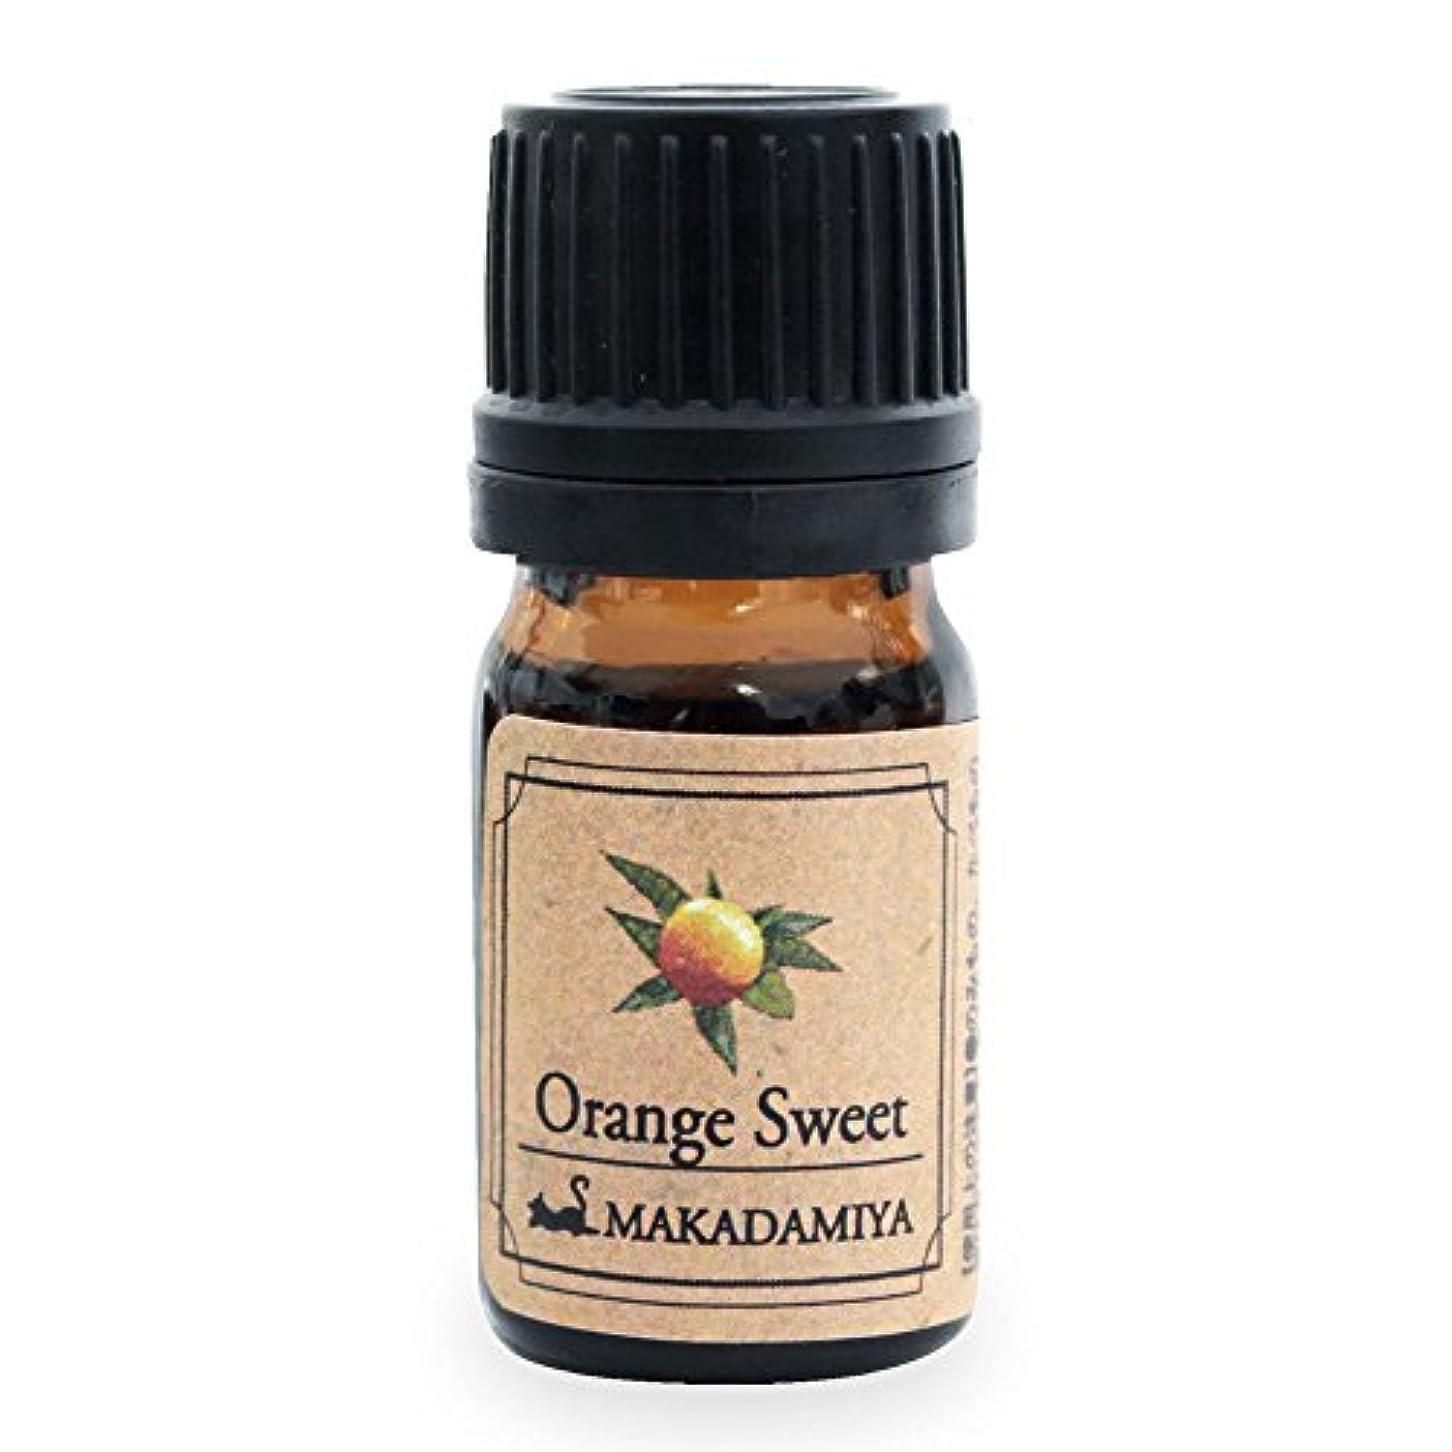 透明にラブ減衰オレンジ?スイート5ml 天然100%植物性 エッセンシャルオイル(精油) アロマオイル アロママッサージ aroma Orange Sweet